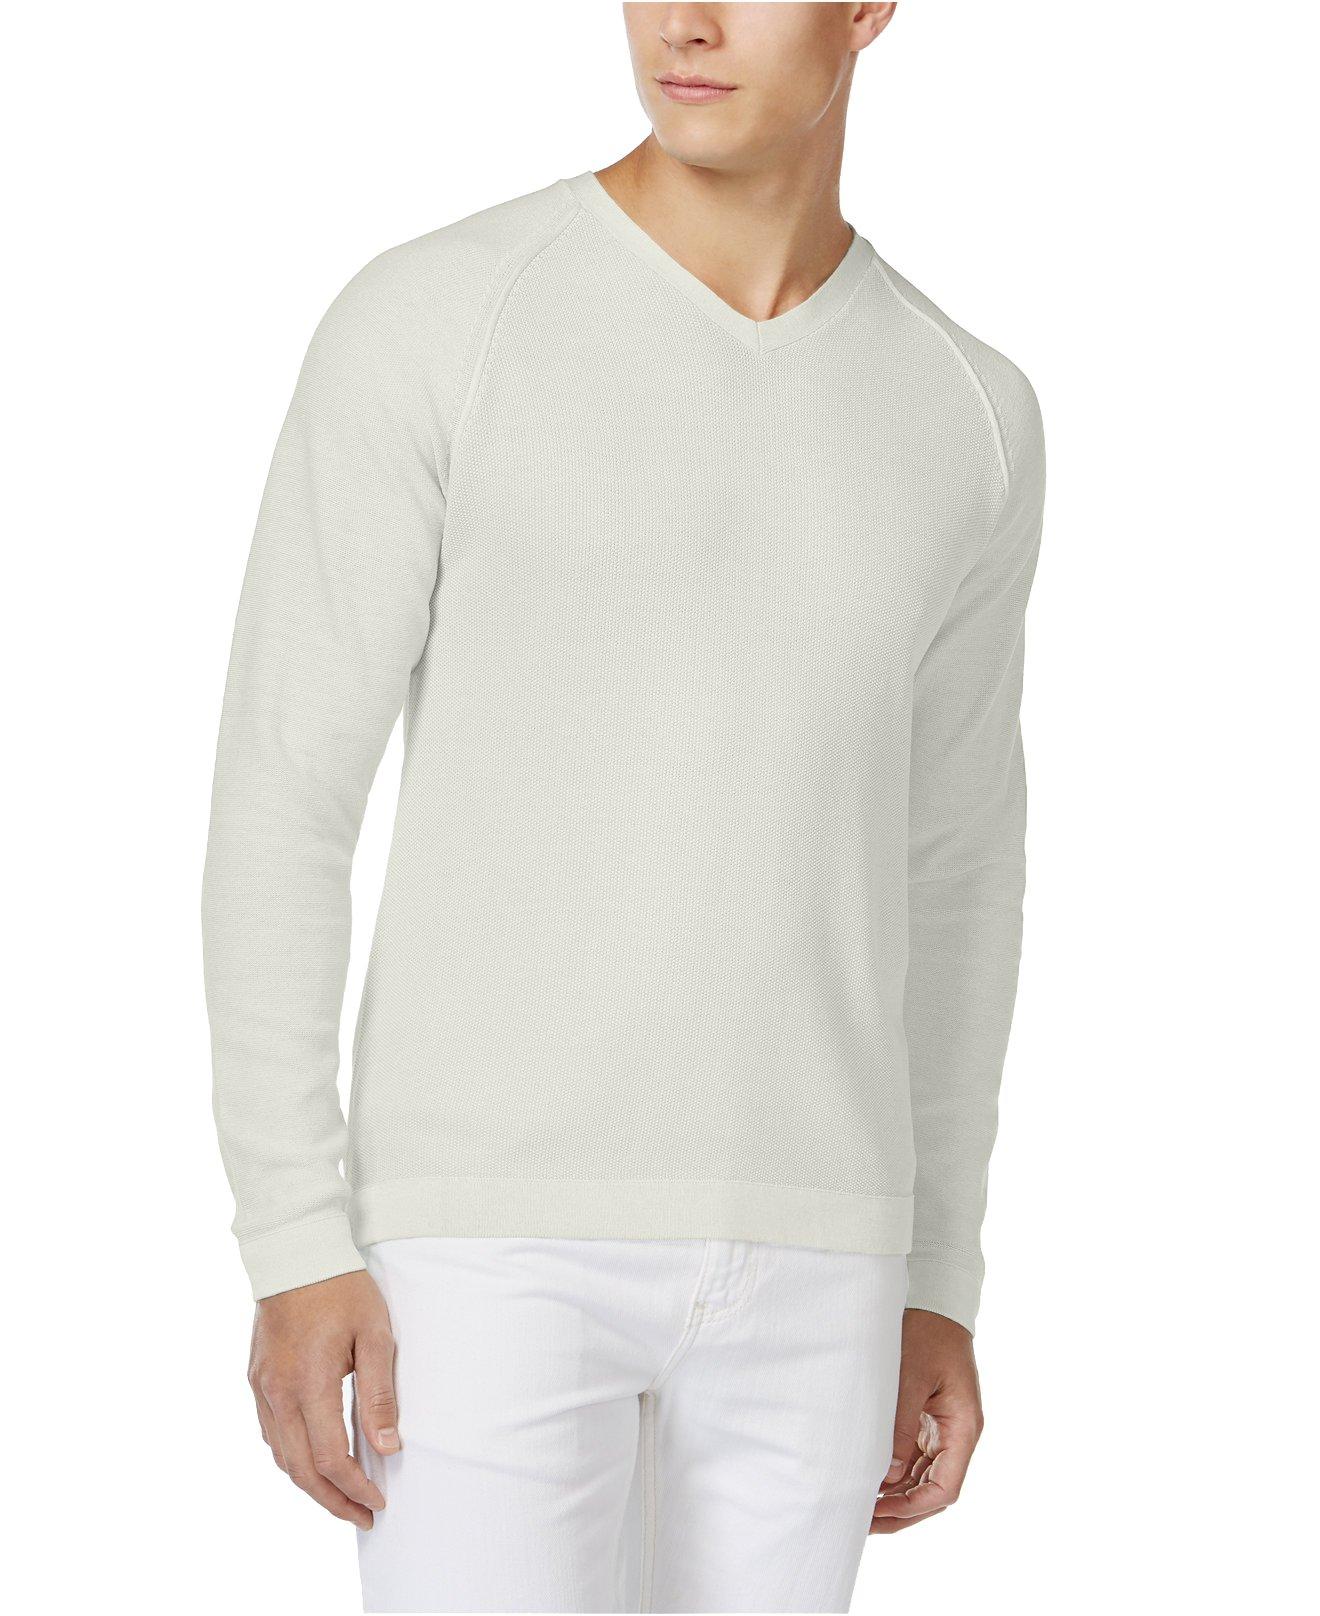 Tasso Elba Men's Acid Wash V-Neck Sweater (XL, Silverbirch)